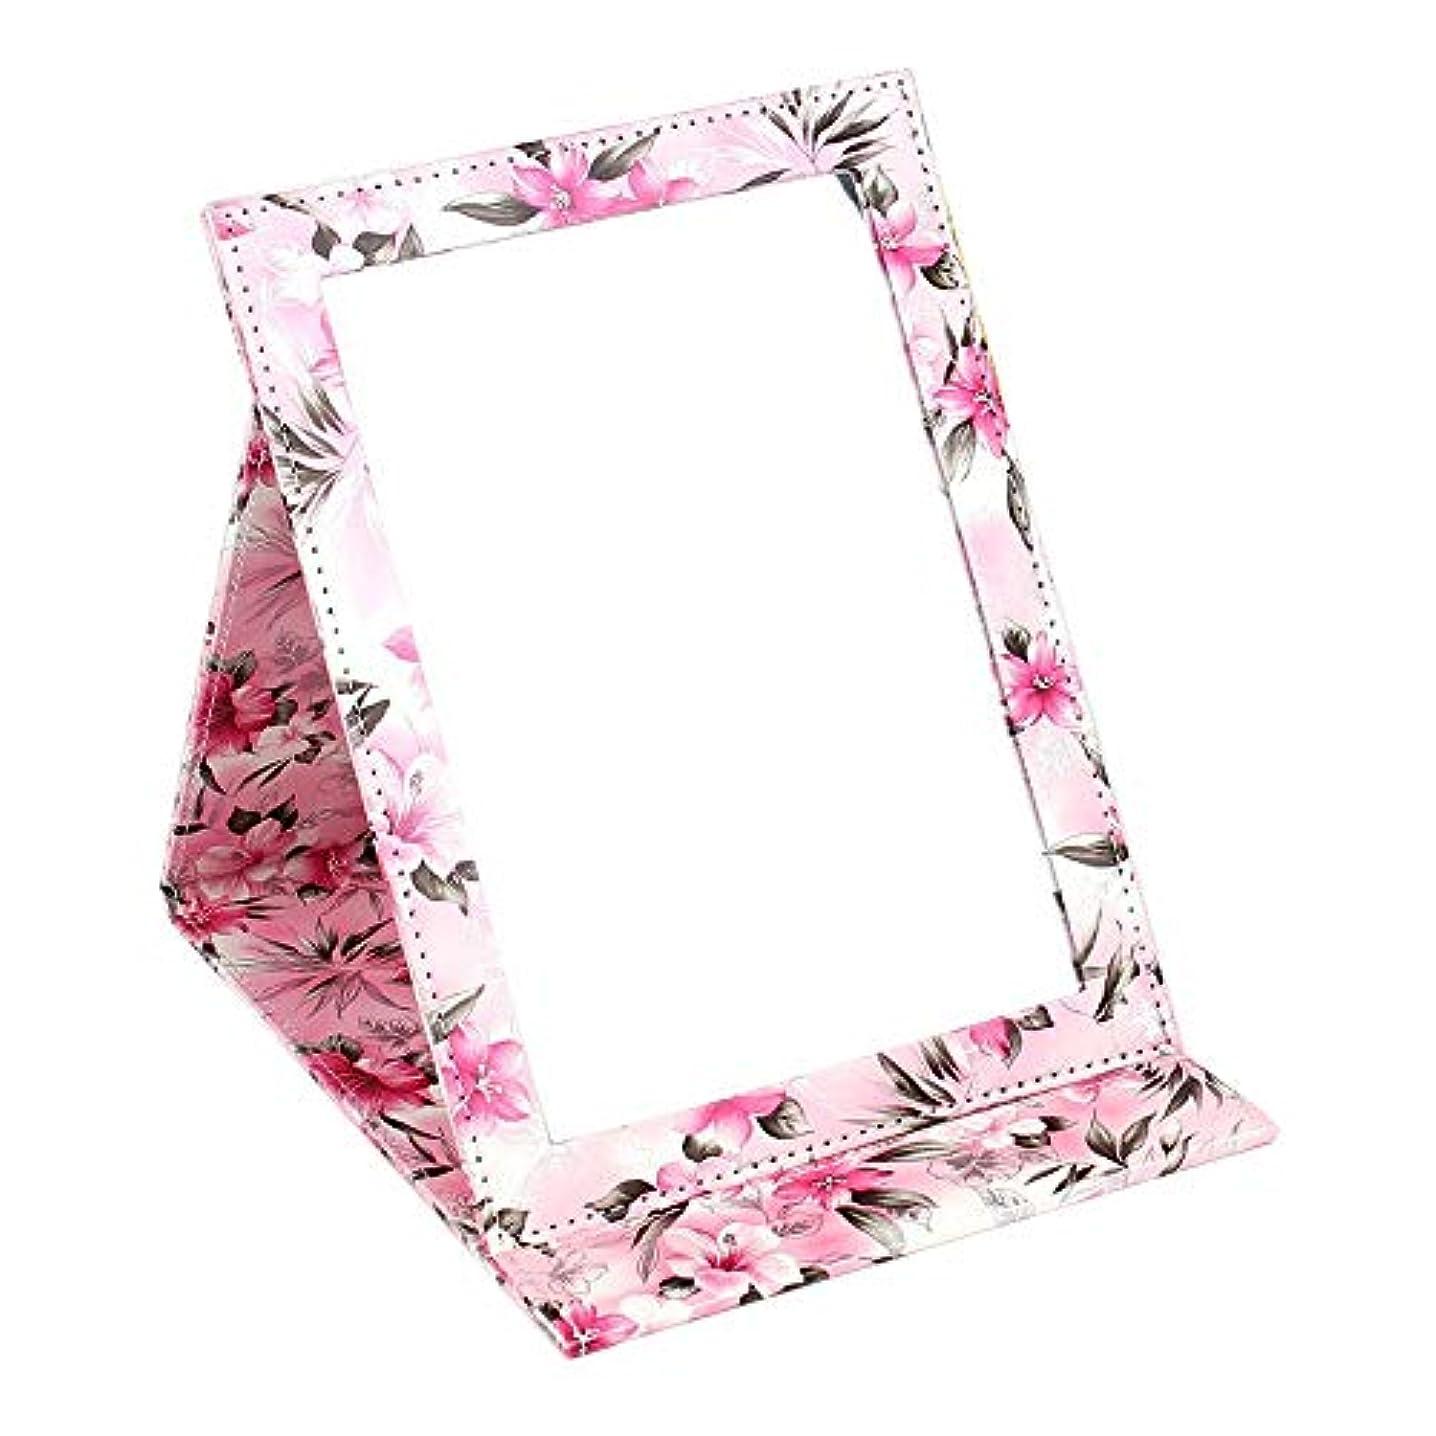 後ろ、背後、背面(部色合い焼くYummyBuy 化粧ミラー 折りたたみ ミラー 鏡 卓上 化粧 化粧鏡 角度調整自由自在 上質PUレザー使用(クロコダイル?パターン、2サイズ) (大きなサイズ, ハッピーカラー)